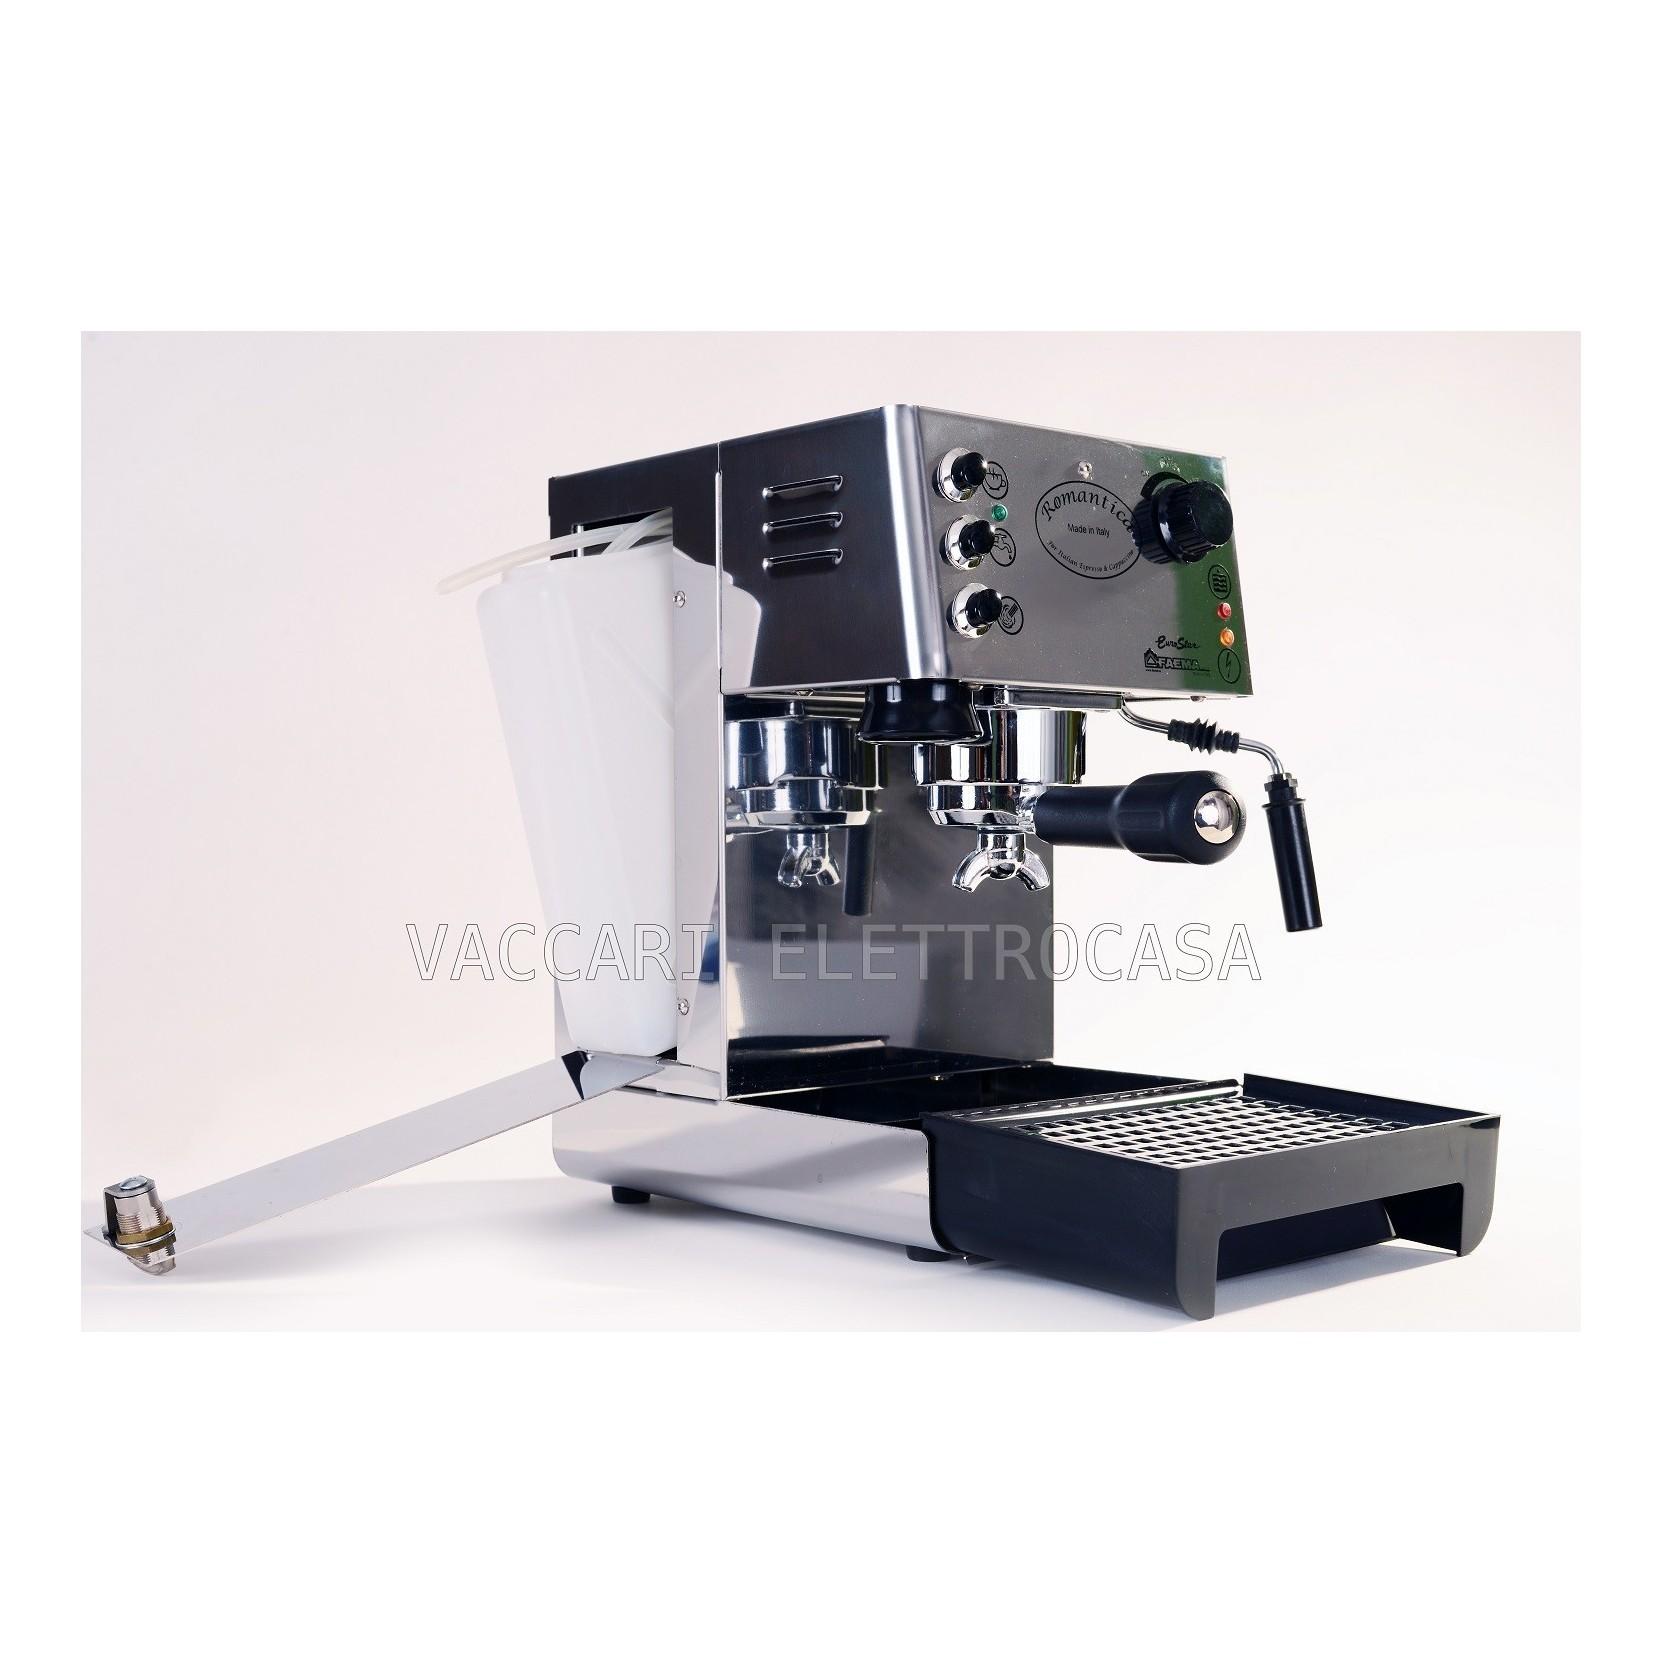 Macchina caff espresso tradizionale faema romantica vero - Macchina caffe professionale per casa ...